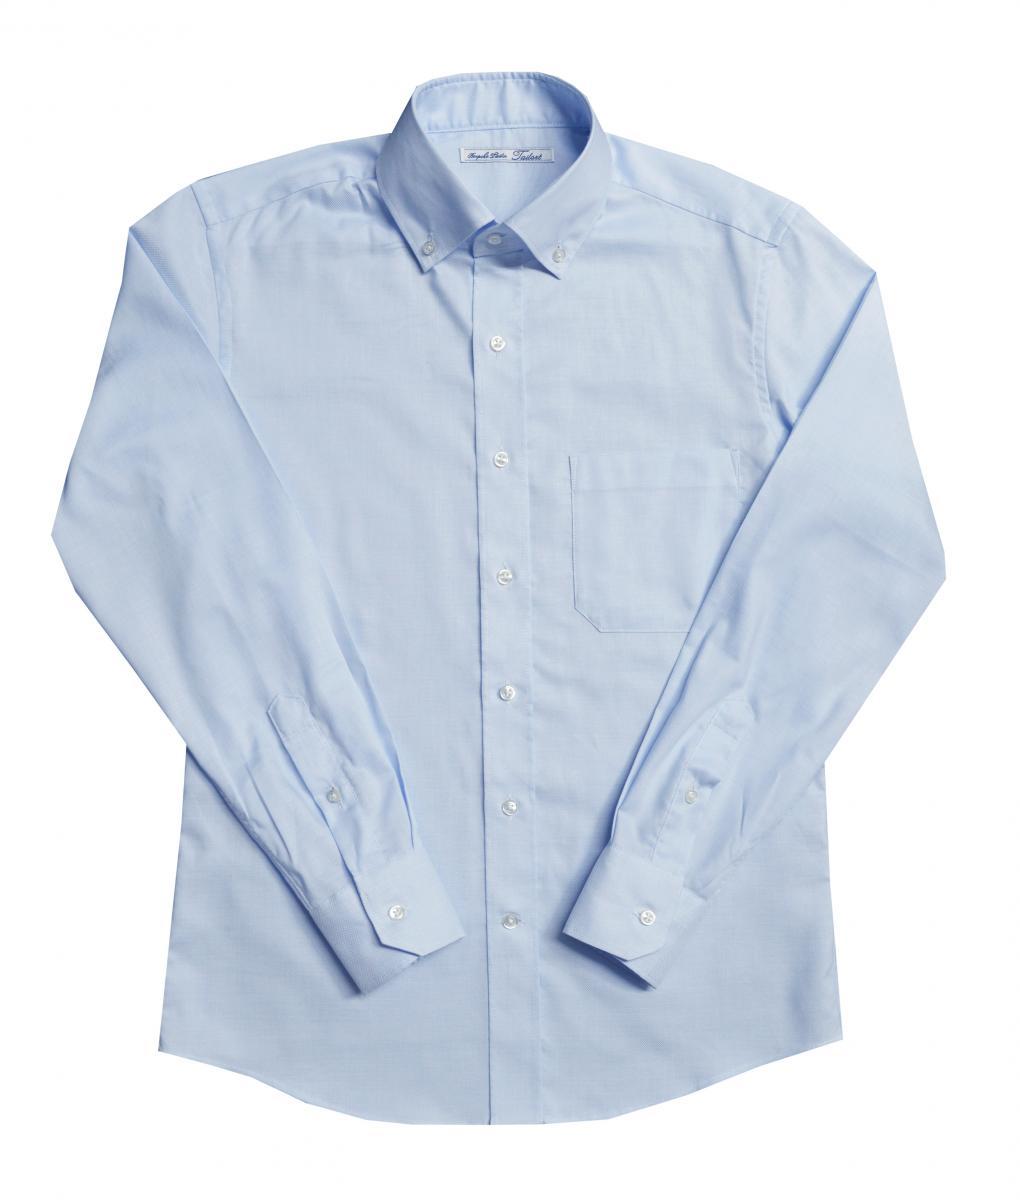 [オーダーシャツ]清涼感あふれるサックスブルーで好印象